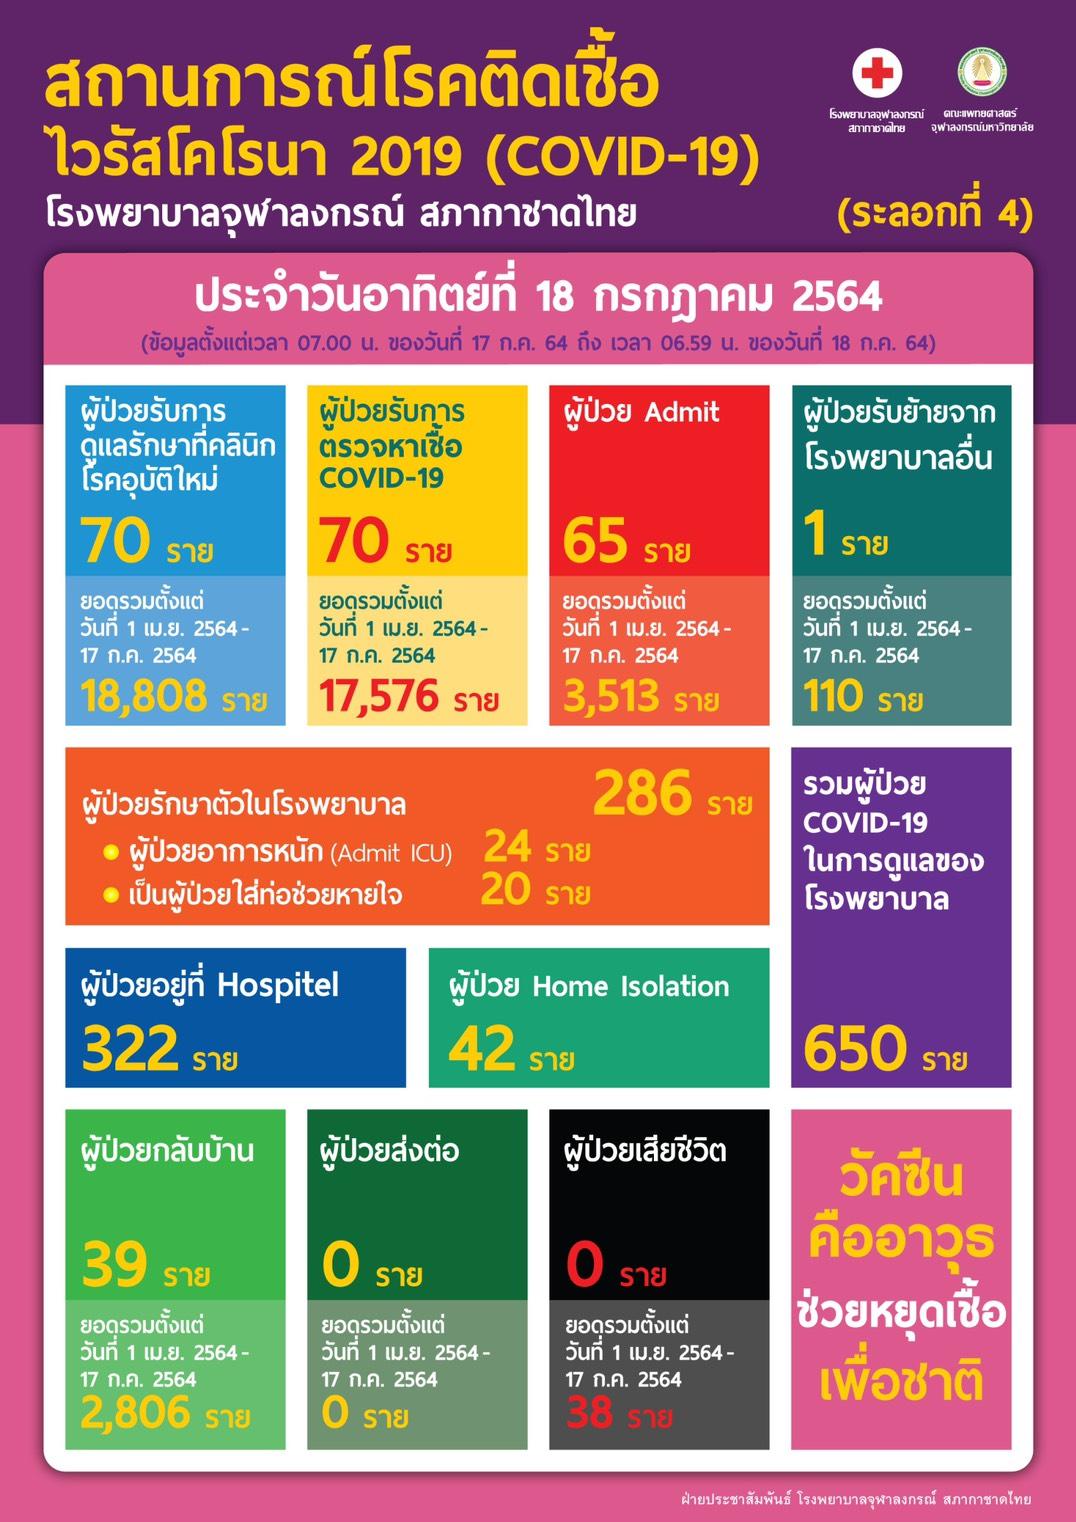 สถานการณ์โรคติดเชื้อไวรัสโคโรนา 2019 (COVID-19) (ระลอกที่ 4) โรงพยาบาลจุฬาลงกรณ์ สภากาชาดไทย ประจำ วันอาทิตย์ที่ 18 กรกฎาคม 2564